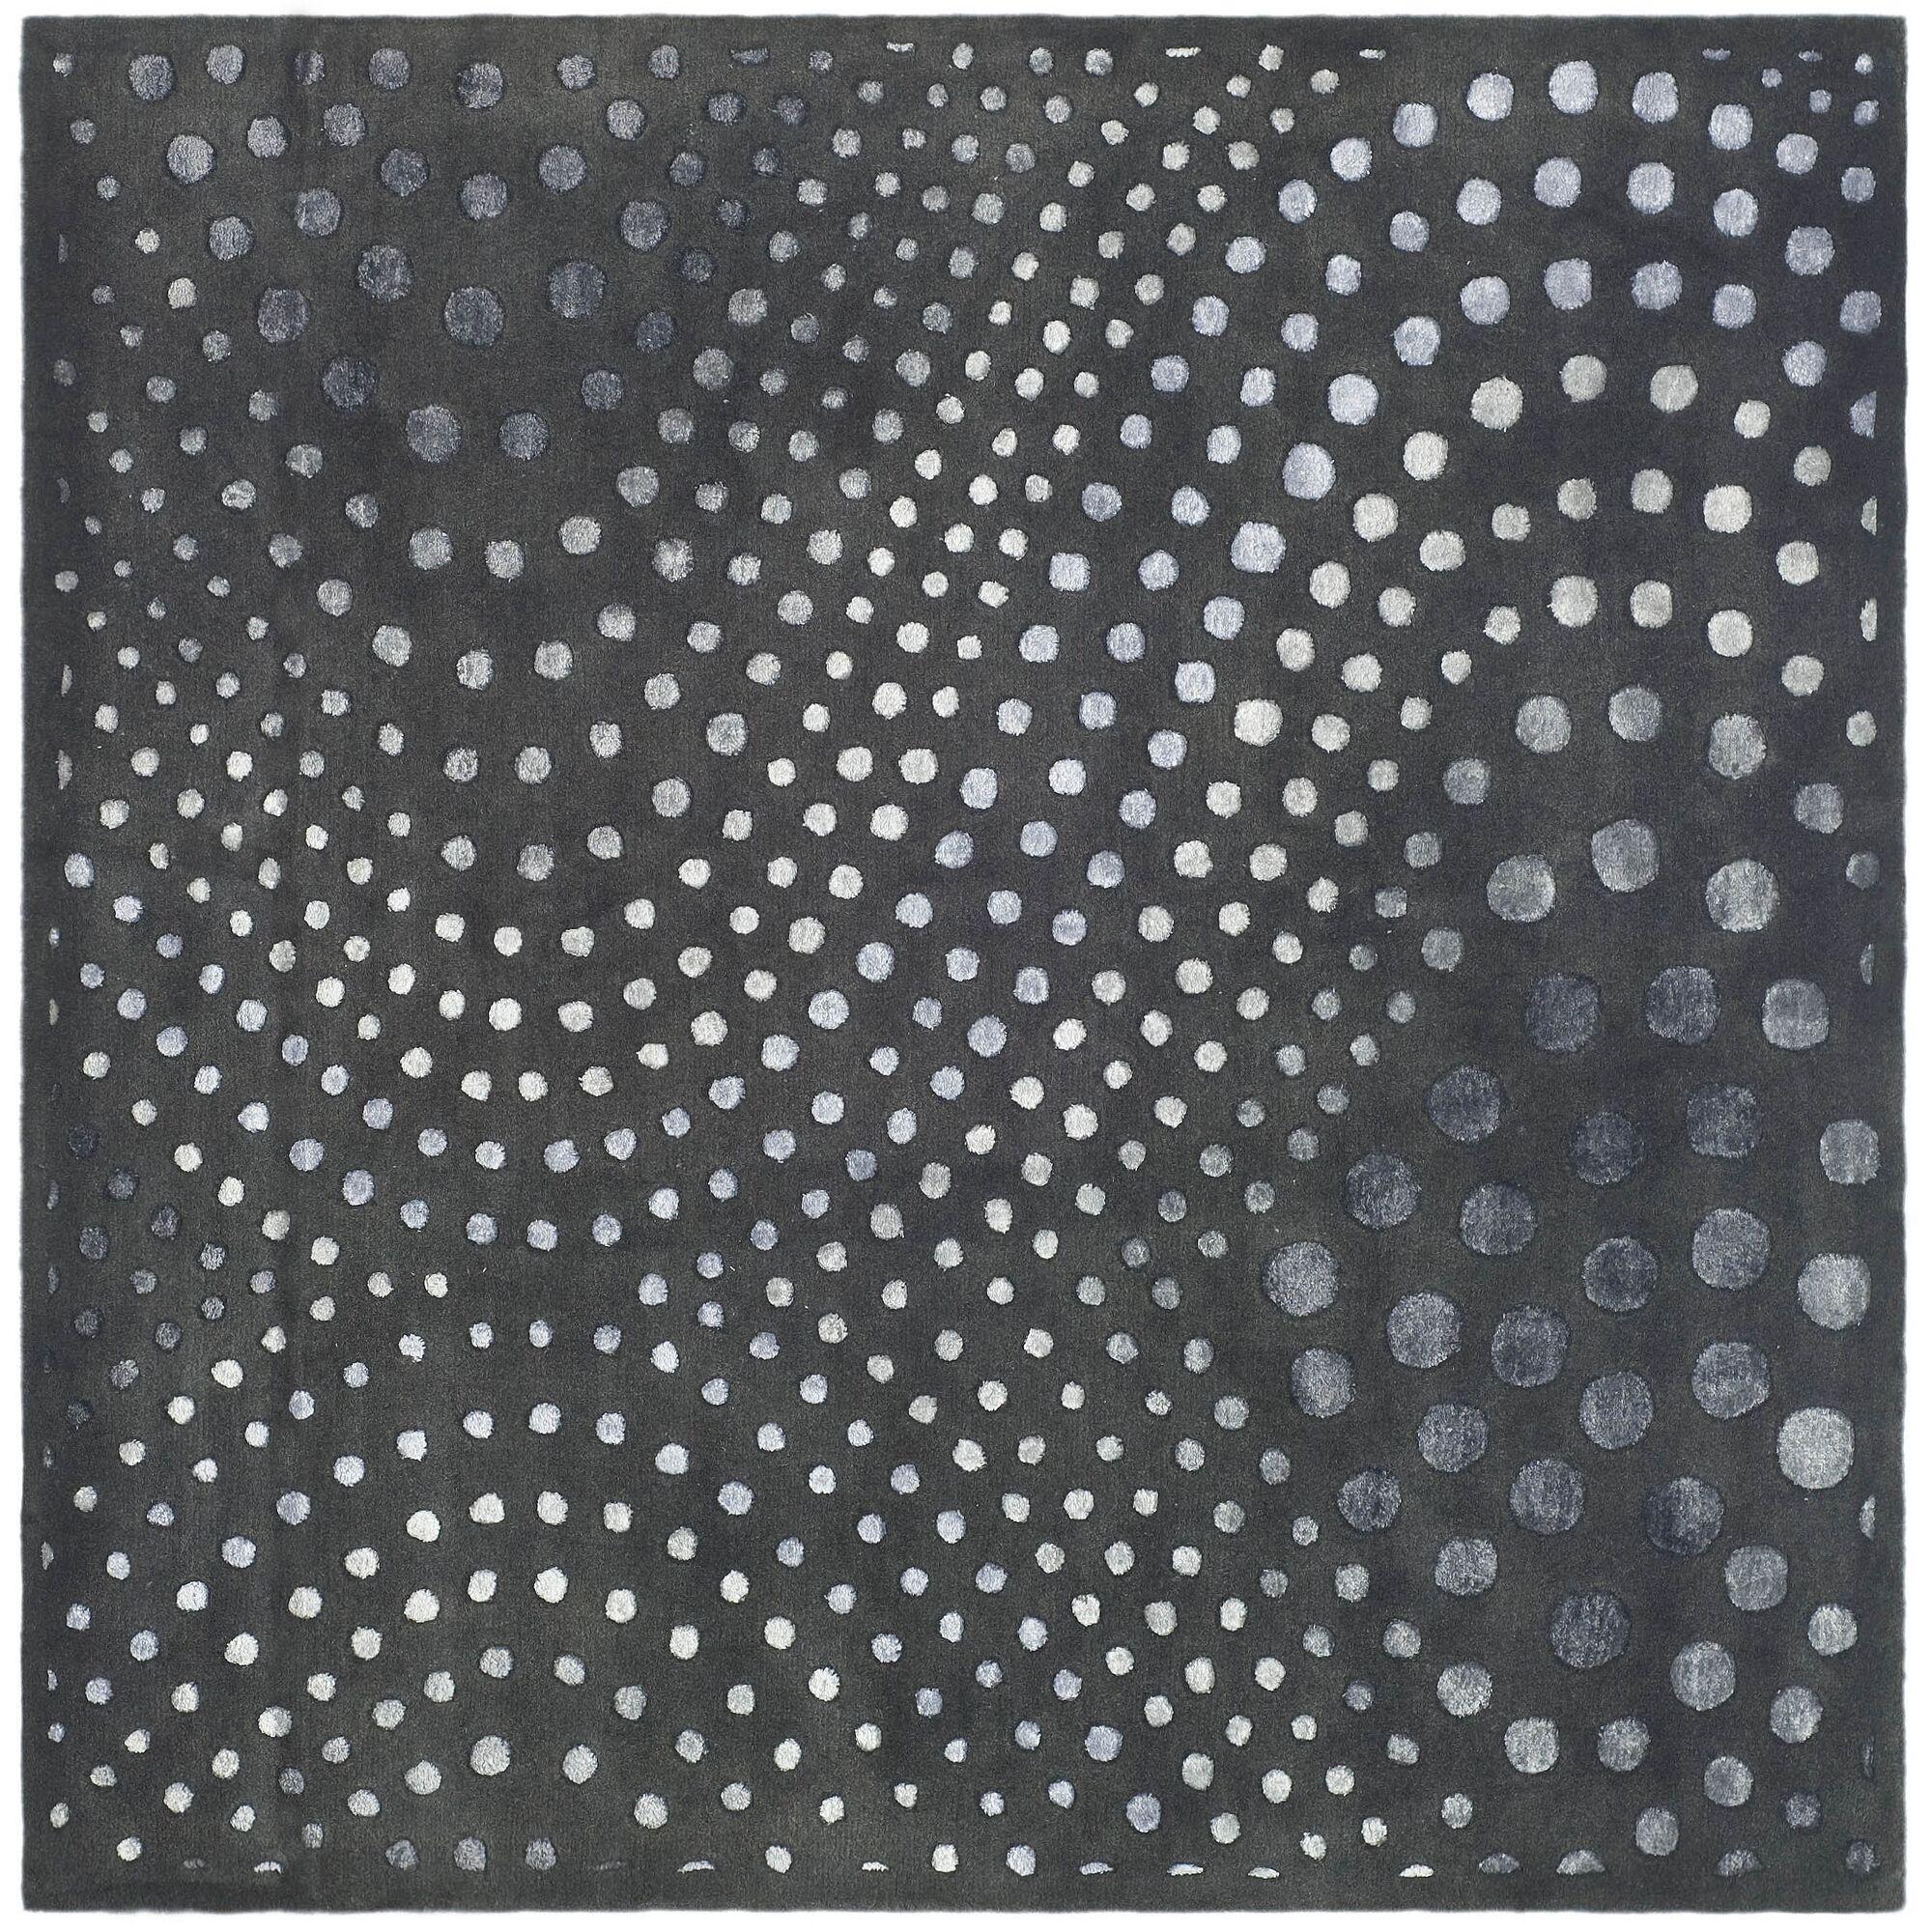 Chidi Dark Gray Area Rug Rug Size: Square 8'